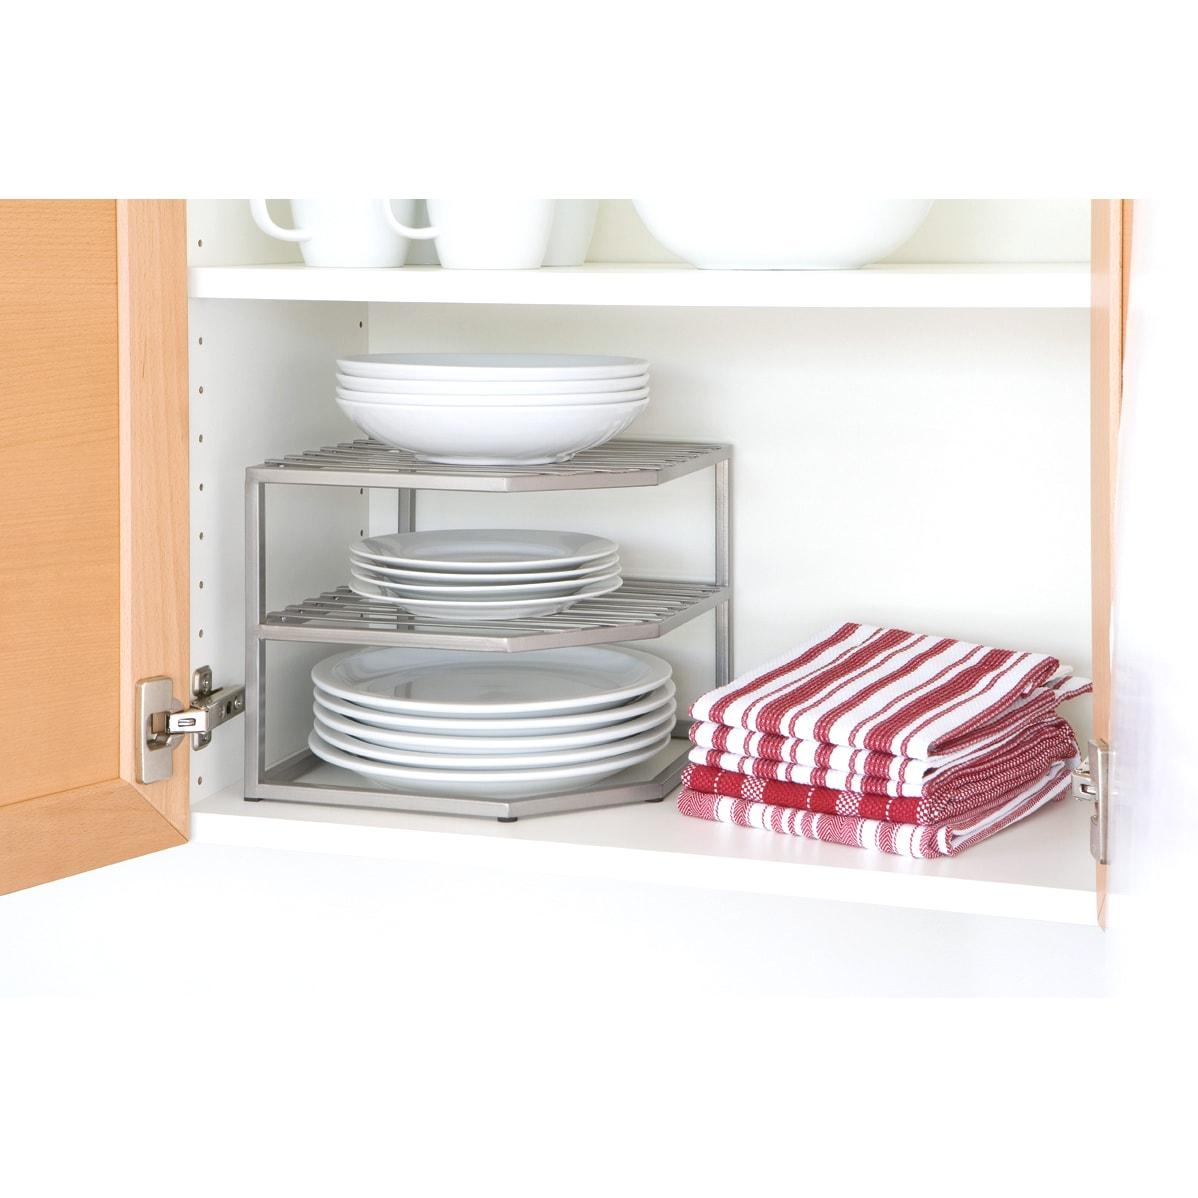 Seville Iron 2-tier Corner Cabinet Shelf Organizer (Metal)